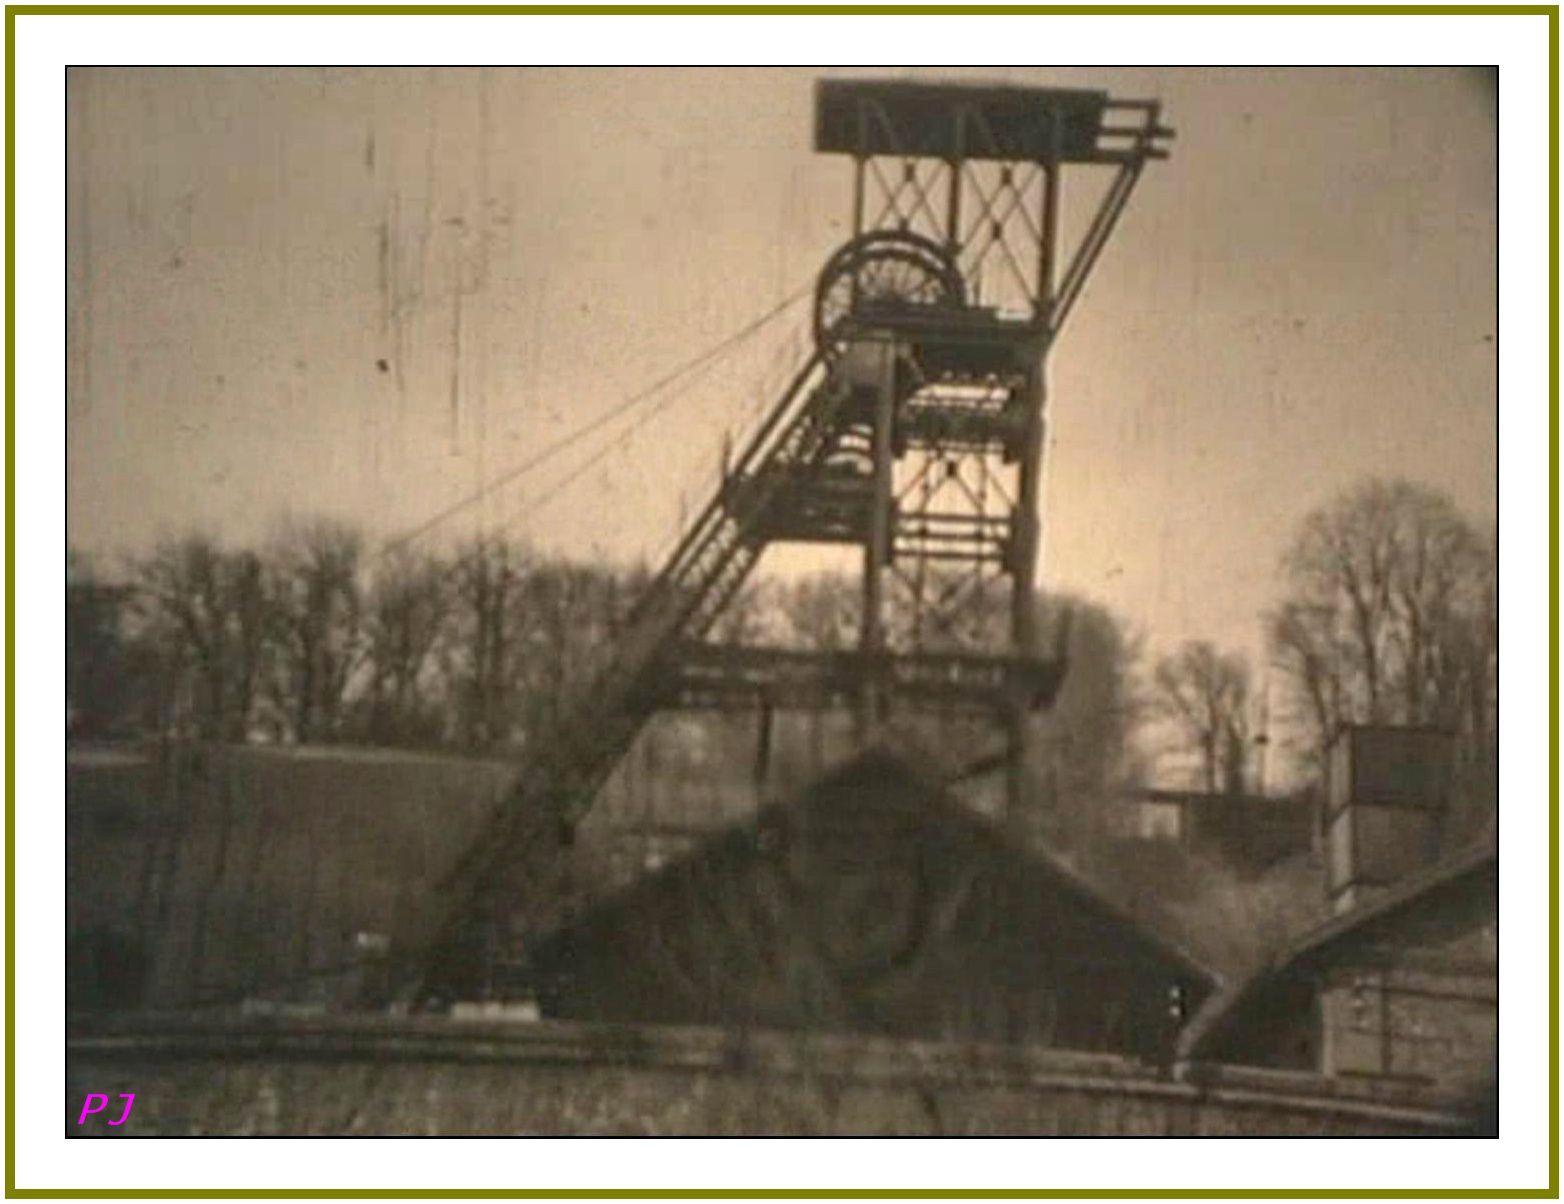 Le village de Frugères en video dans les années 60